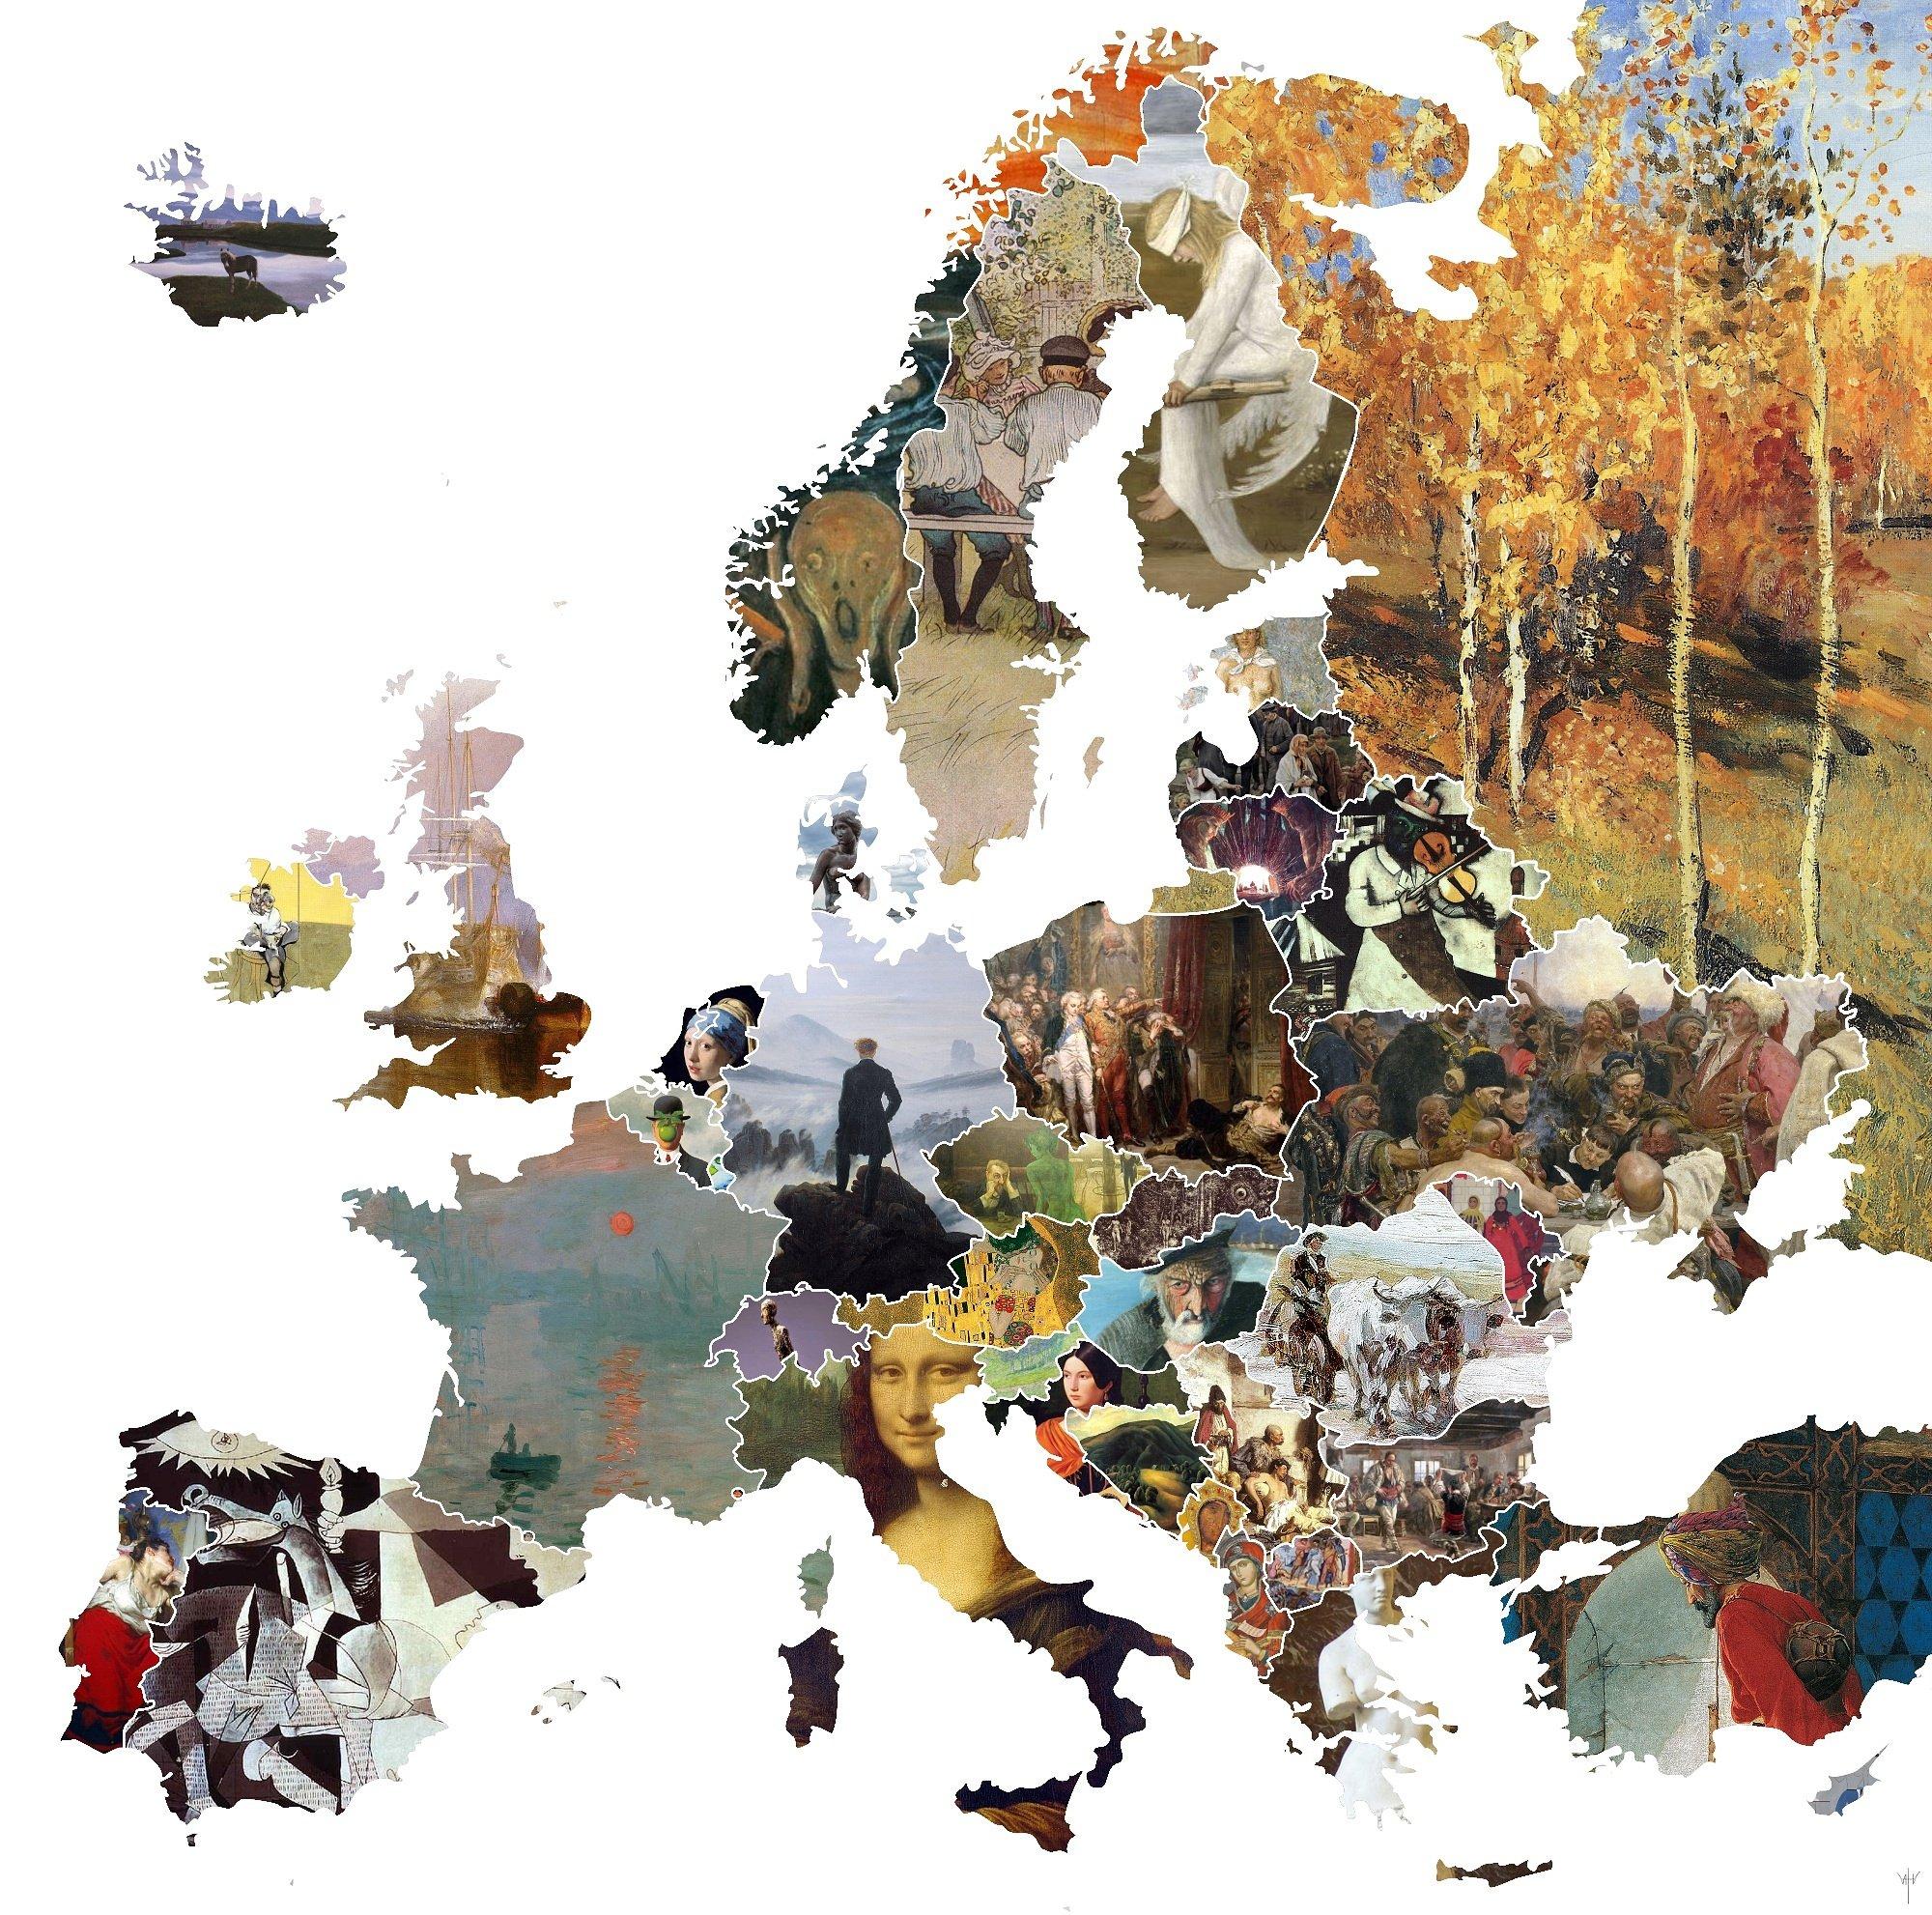 Художественная карта Европы. Источник http://poeu.ru/